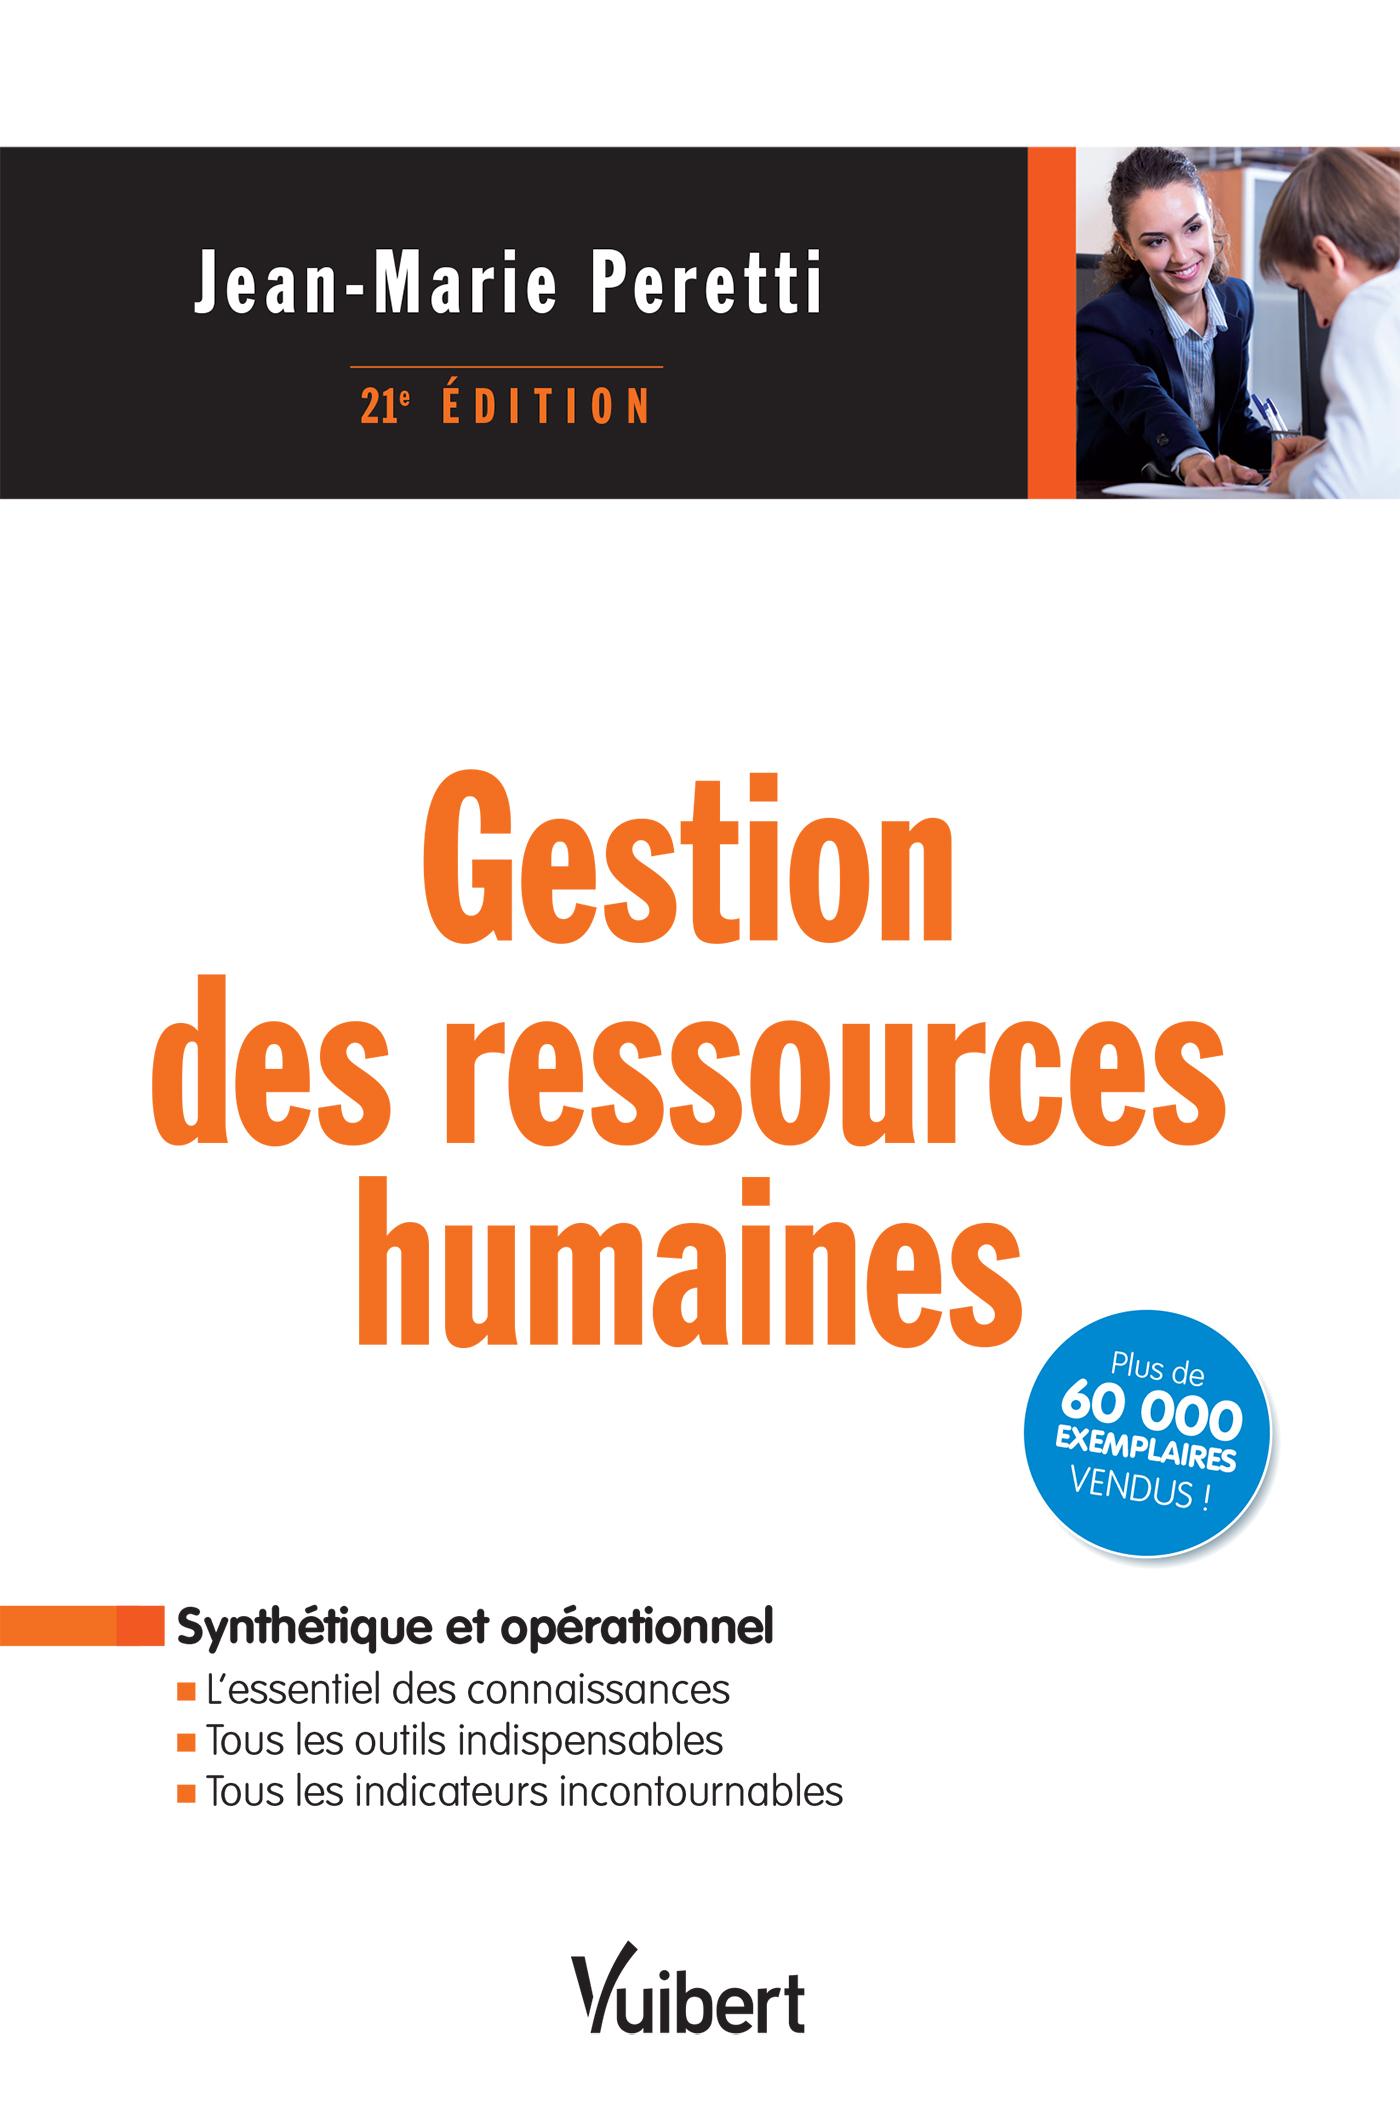 GESTION DES RESSOURCES HUMAINES 21E EDT